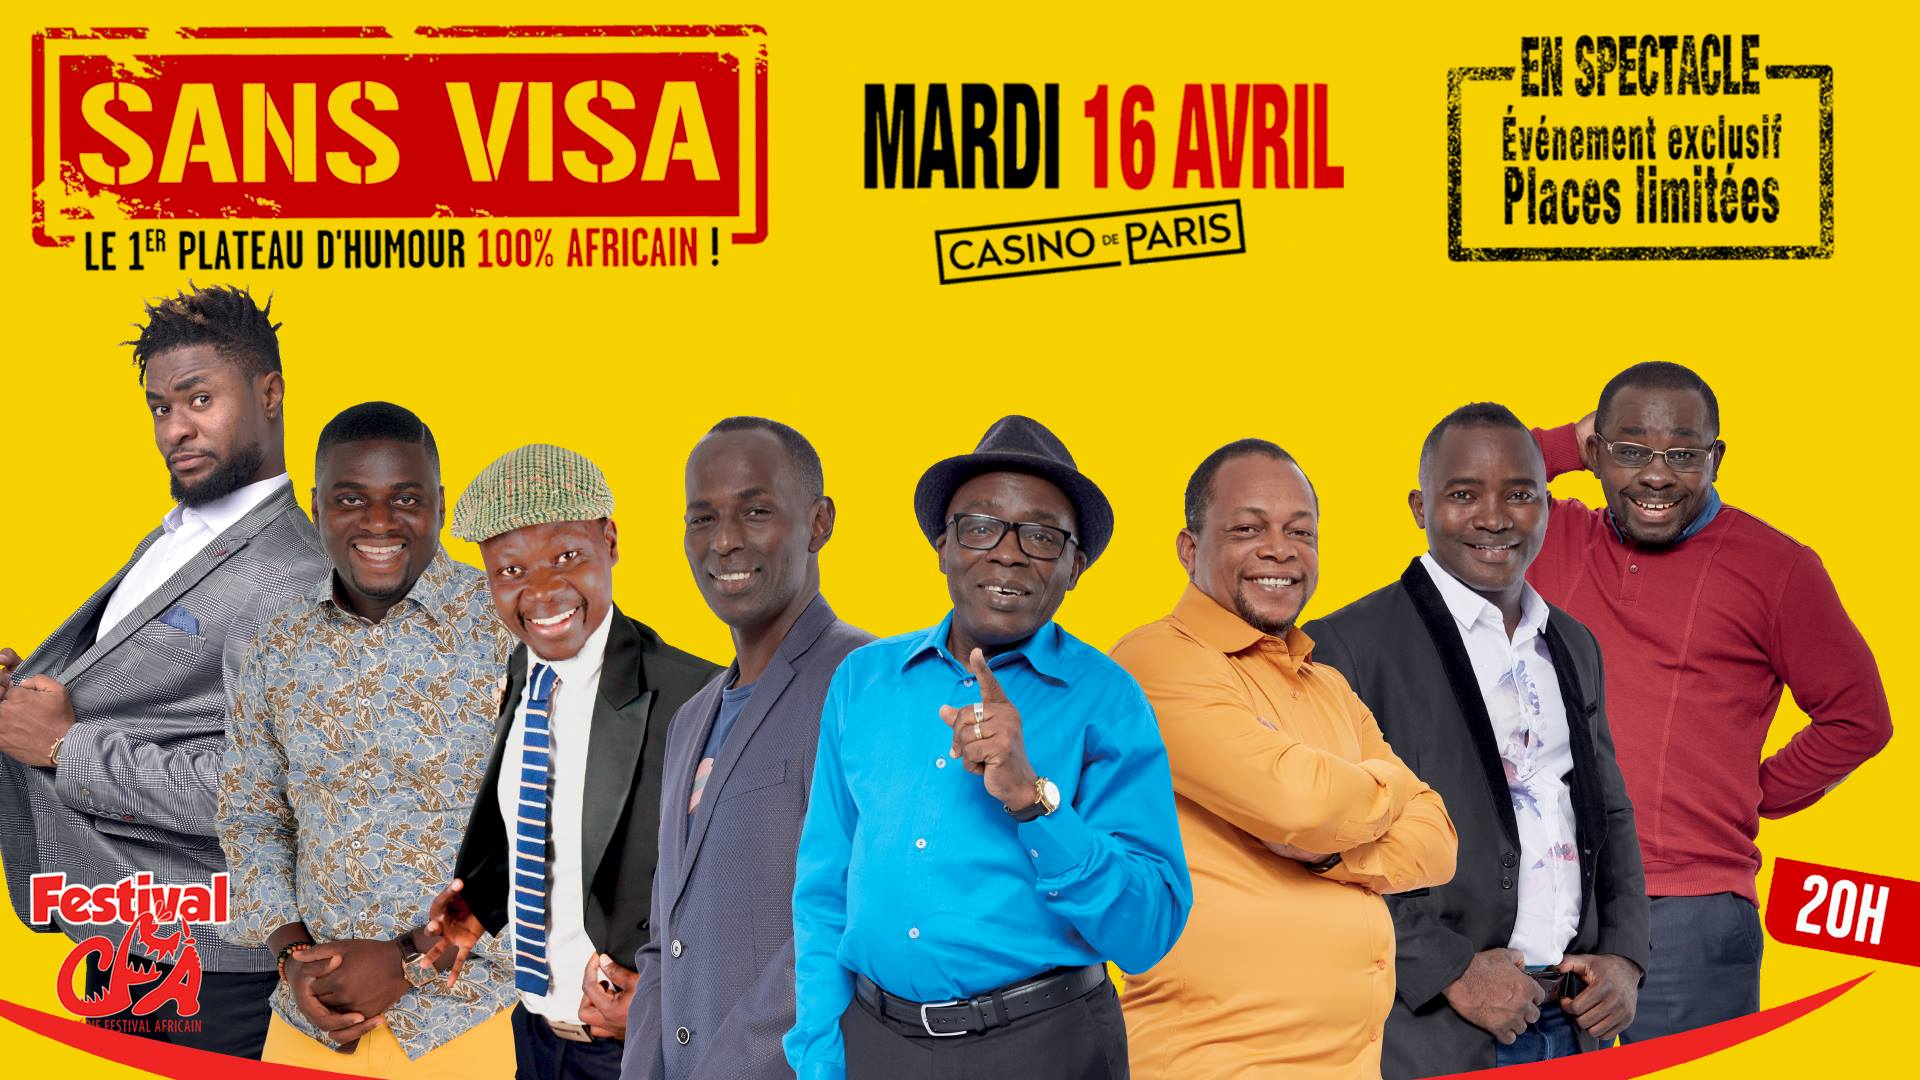 Sans Visa 3, la première étape du Comédie Festival Africain